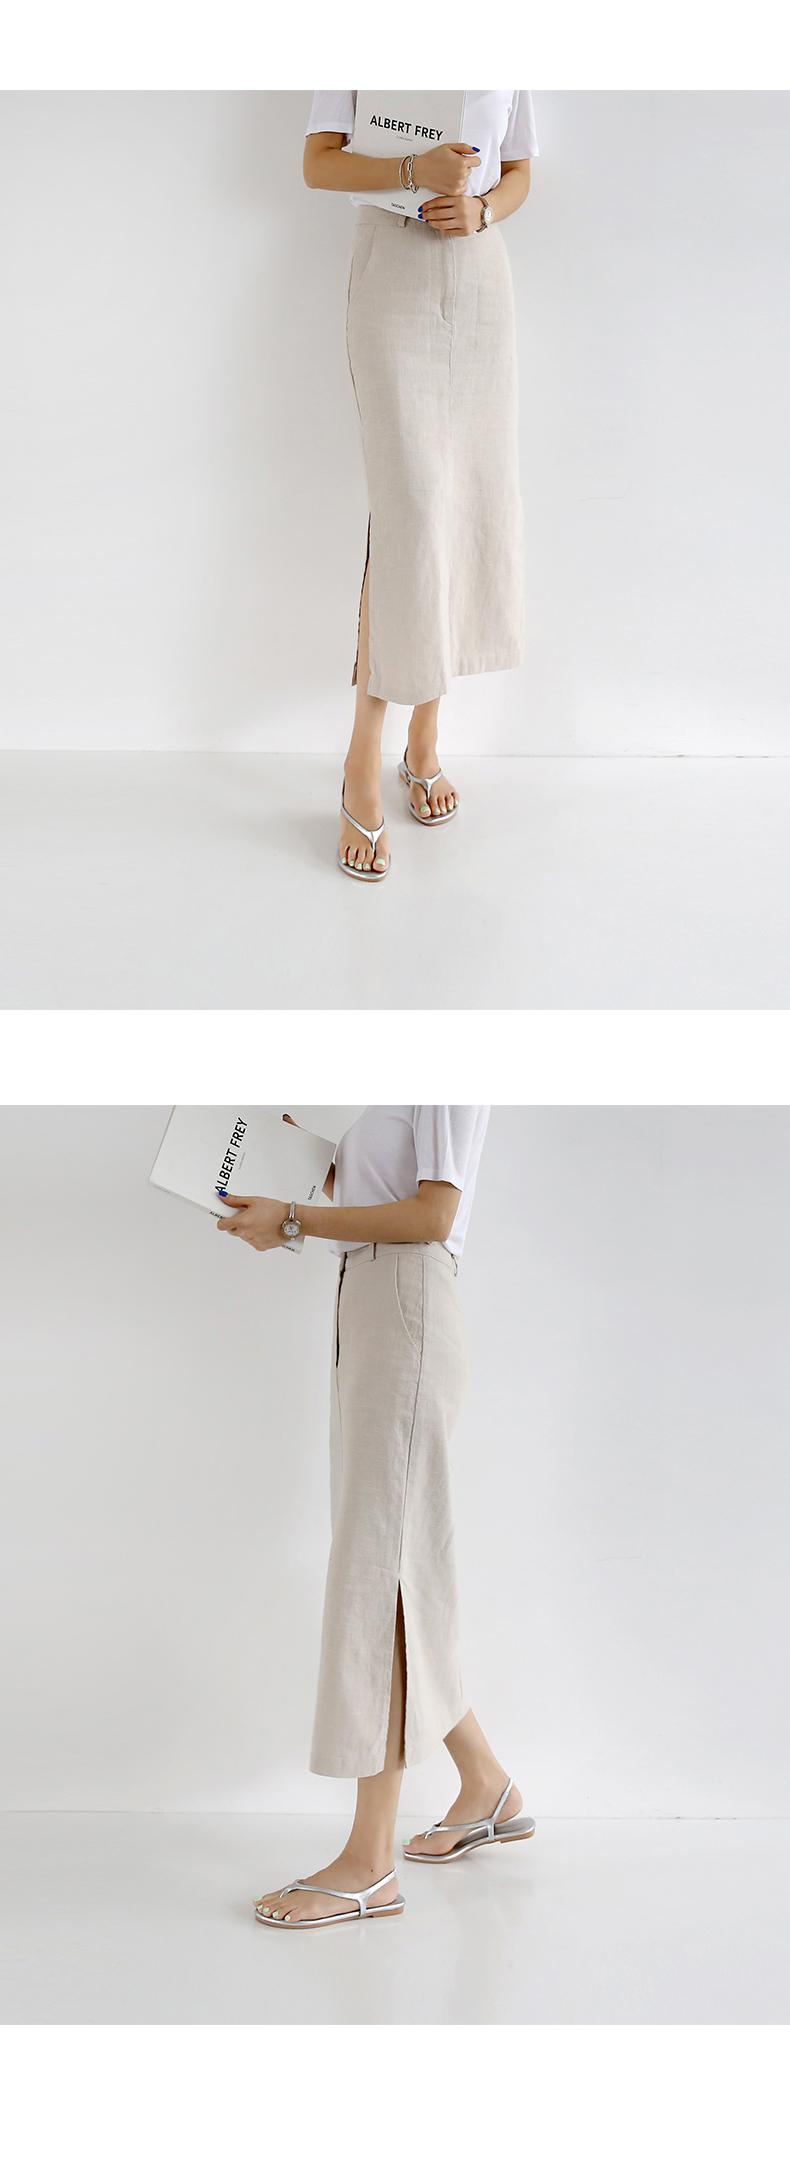 Ferric 1cm